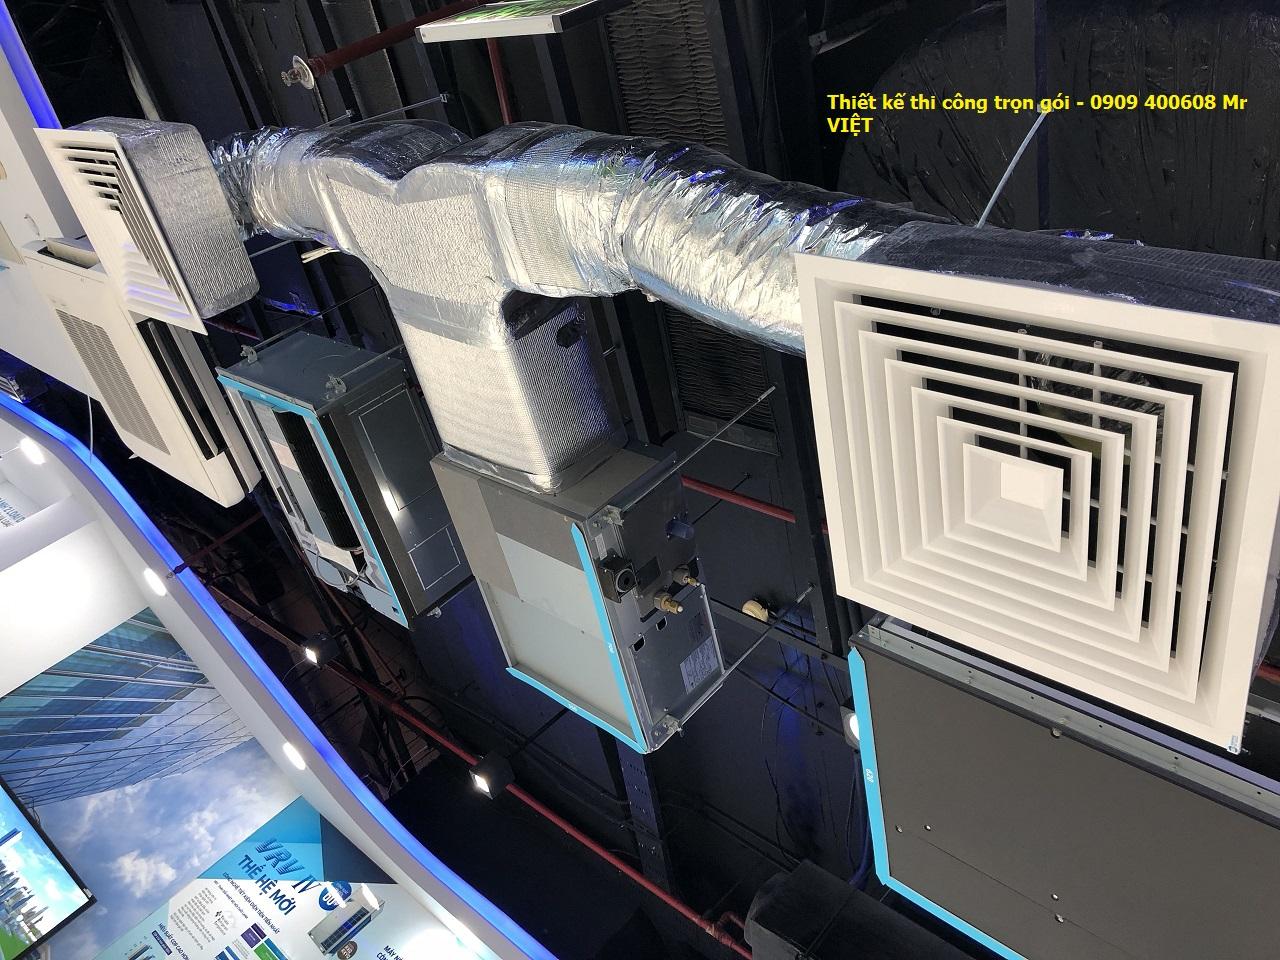 Miễn phí khảo sát thiết kế lắp đặt Multi Daikin giấu trần tại Điện lạnh Ánh Sao - 267198